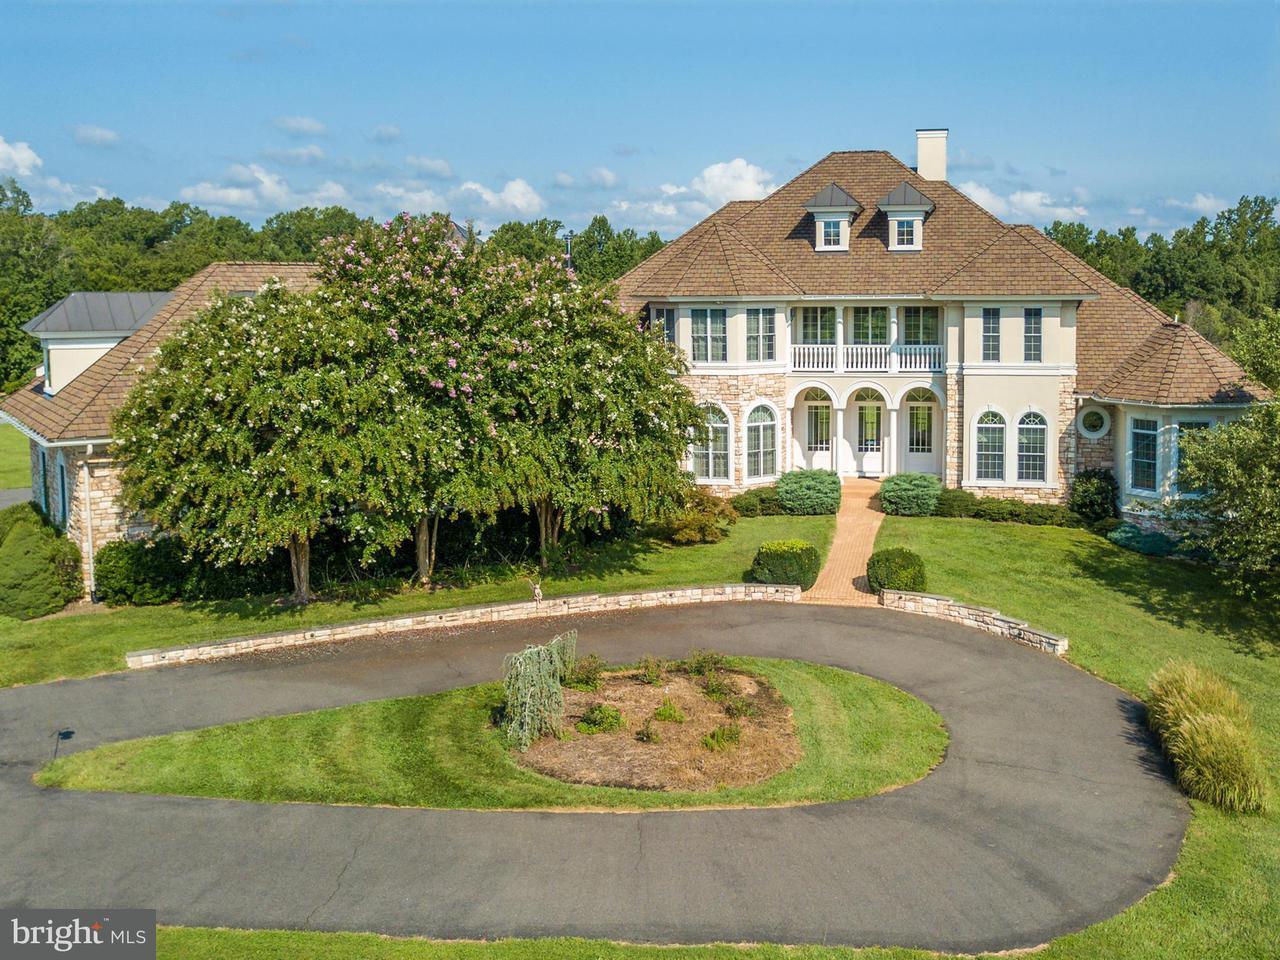 Farm / Hof für Verkauf beim 3258 Thompsons Mill Road 3258 Thompsons Mill Road Goldvein, Virginia 22720 Vereinigte Staaten